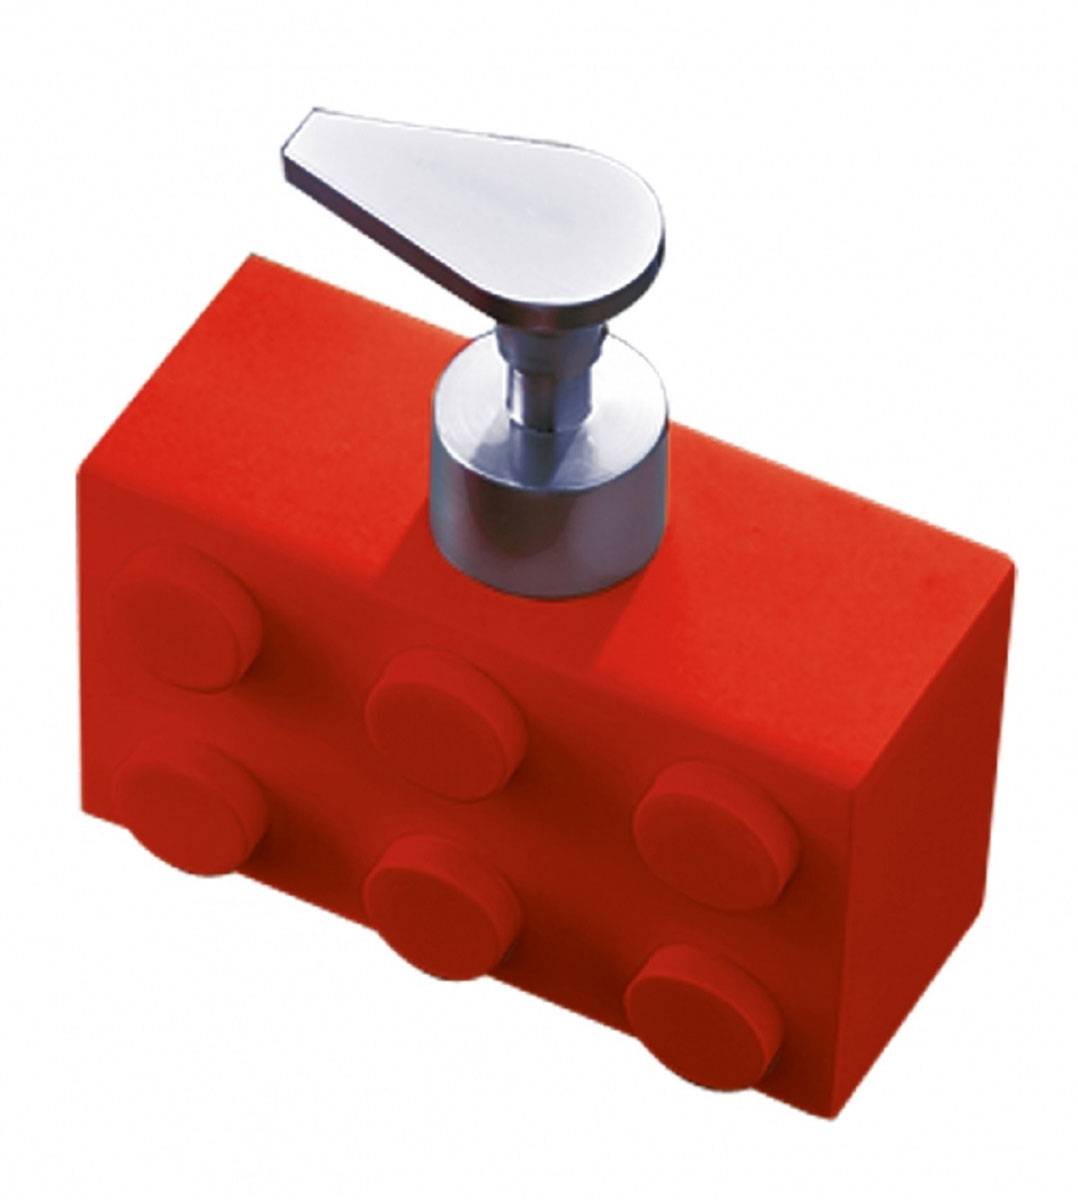 Дозатор для жидкого мыла Ridder Bob, цвет: красный, 280 млNLED-441-7W-SДозатор для жидкого мыла Ridder Bob, изготовленный из экологичной полирезины,отлично подойдет для вашей ванной комнаты.Такой аксессуар очень удобен в использовании,достаточно лишь перелить жидкое мыло вдозатор, а когда необходимо использованиемыла, легким нажатием выдавить нужноеколичество. Дозатор для жидкого мыла Ridder Bobсоздаст особую атмосферу уюта и максимальногокомфорта в ванной.Объем дозатора: 280 мл.